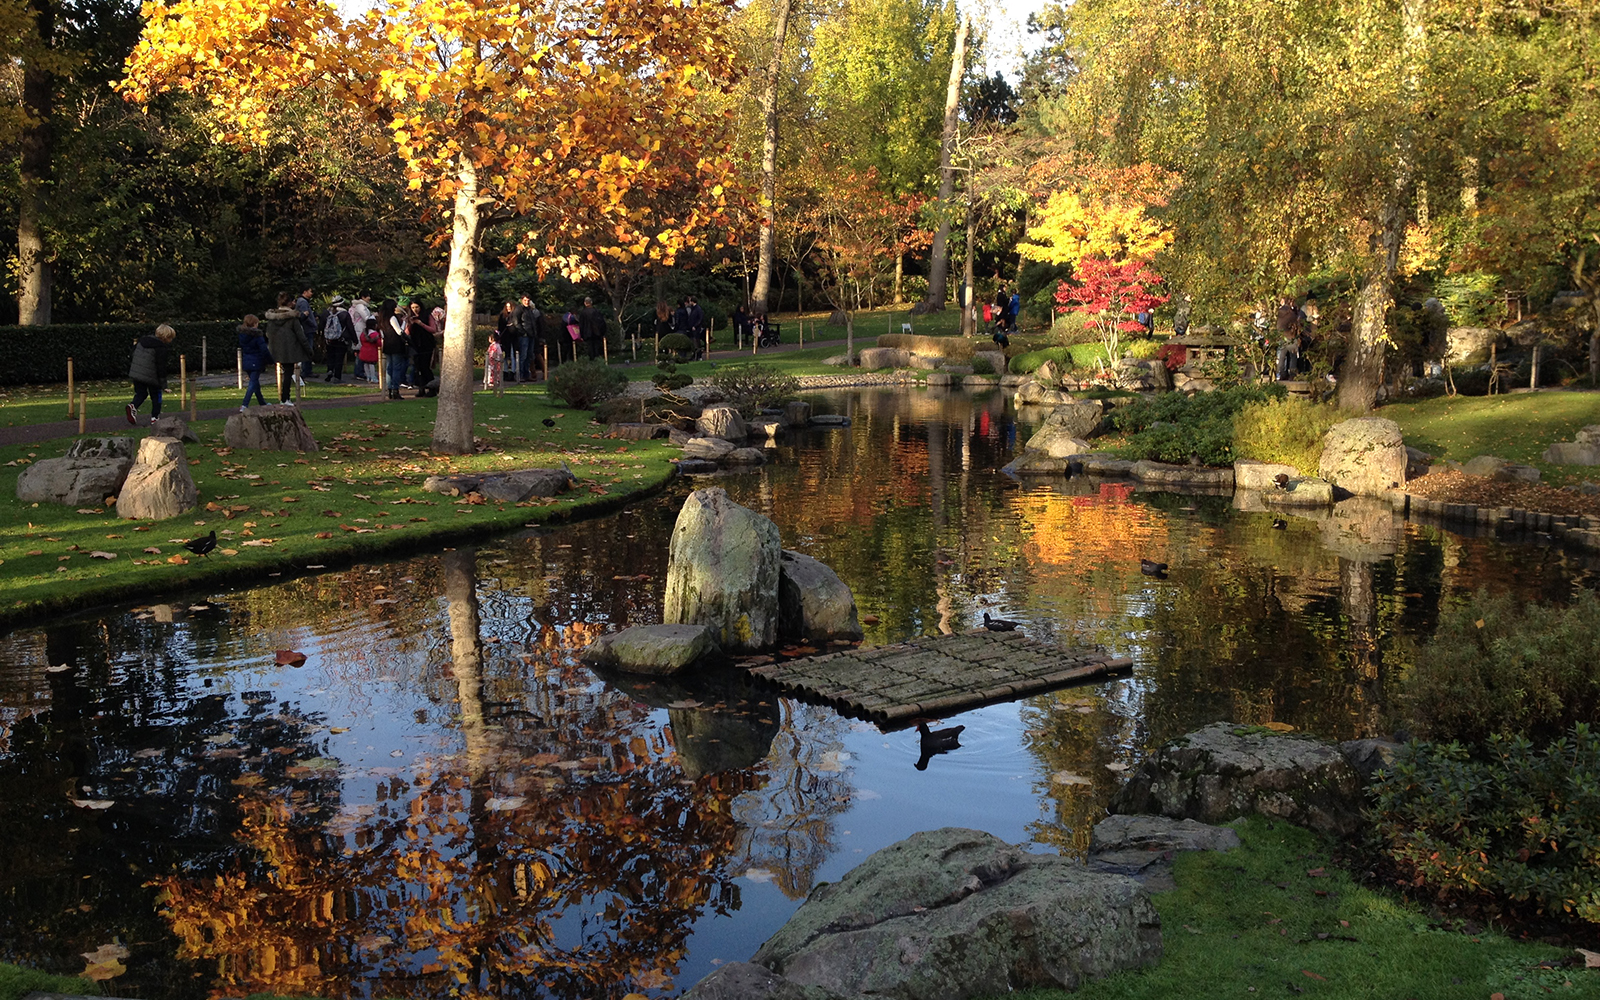 Kyoto gardens photos - London in photos - London photos, London Zoo ...